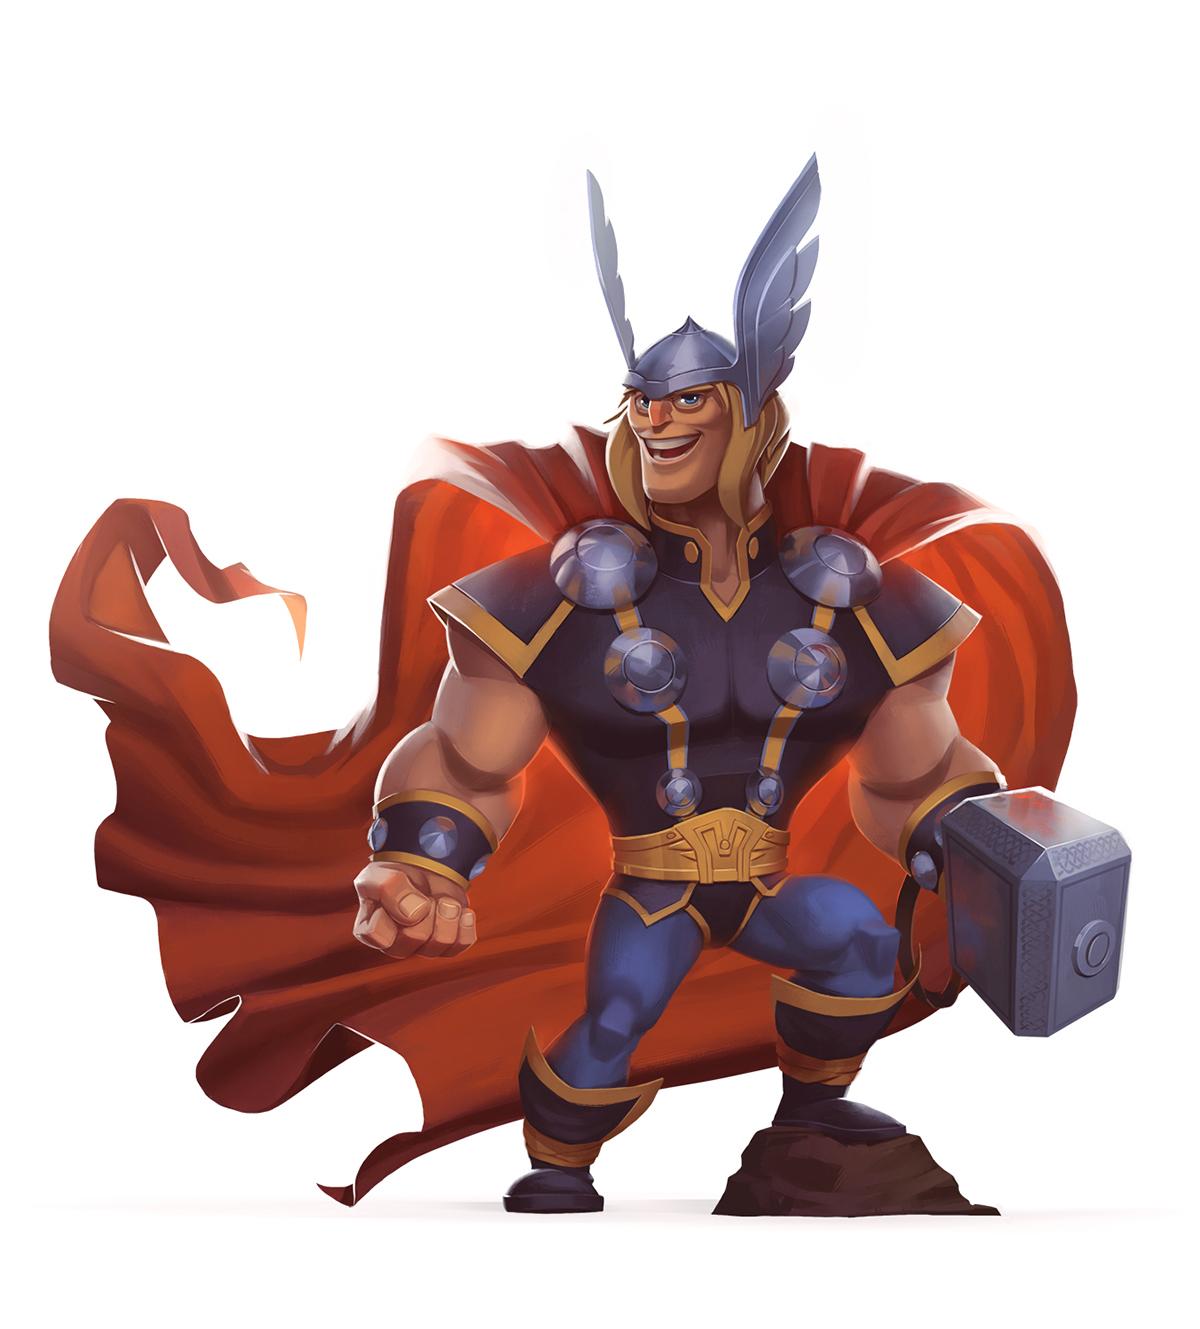 Marvel Character Design Behance : Marvel superheroes on behance